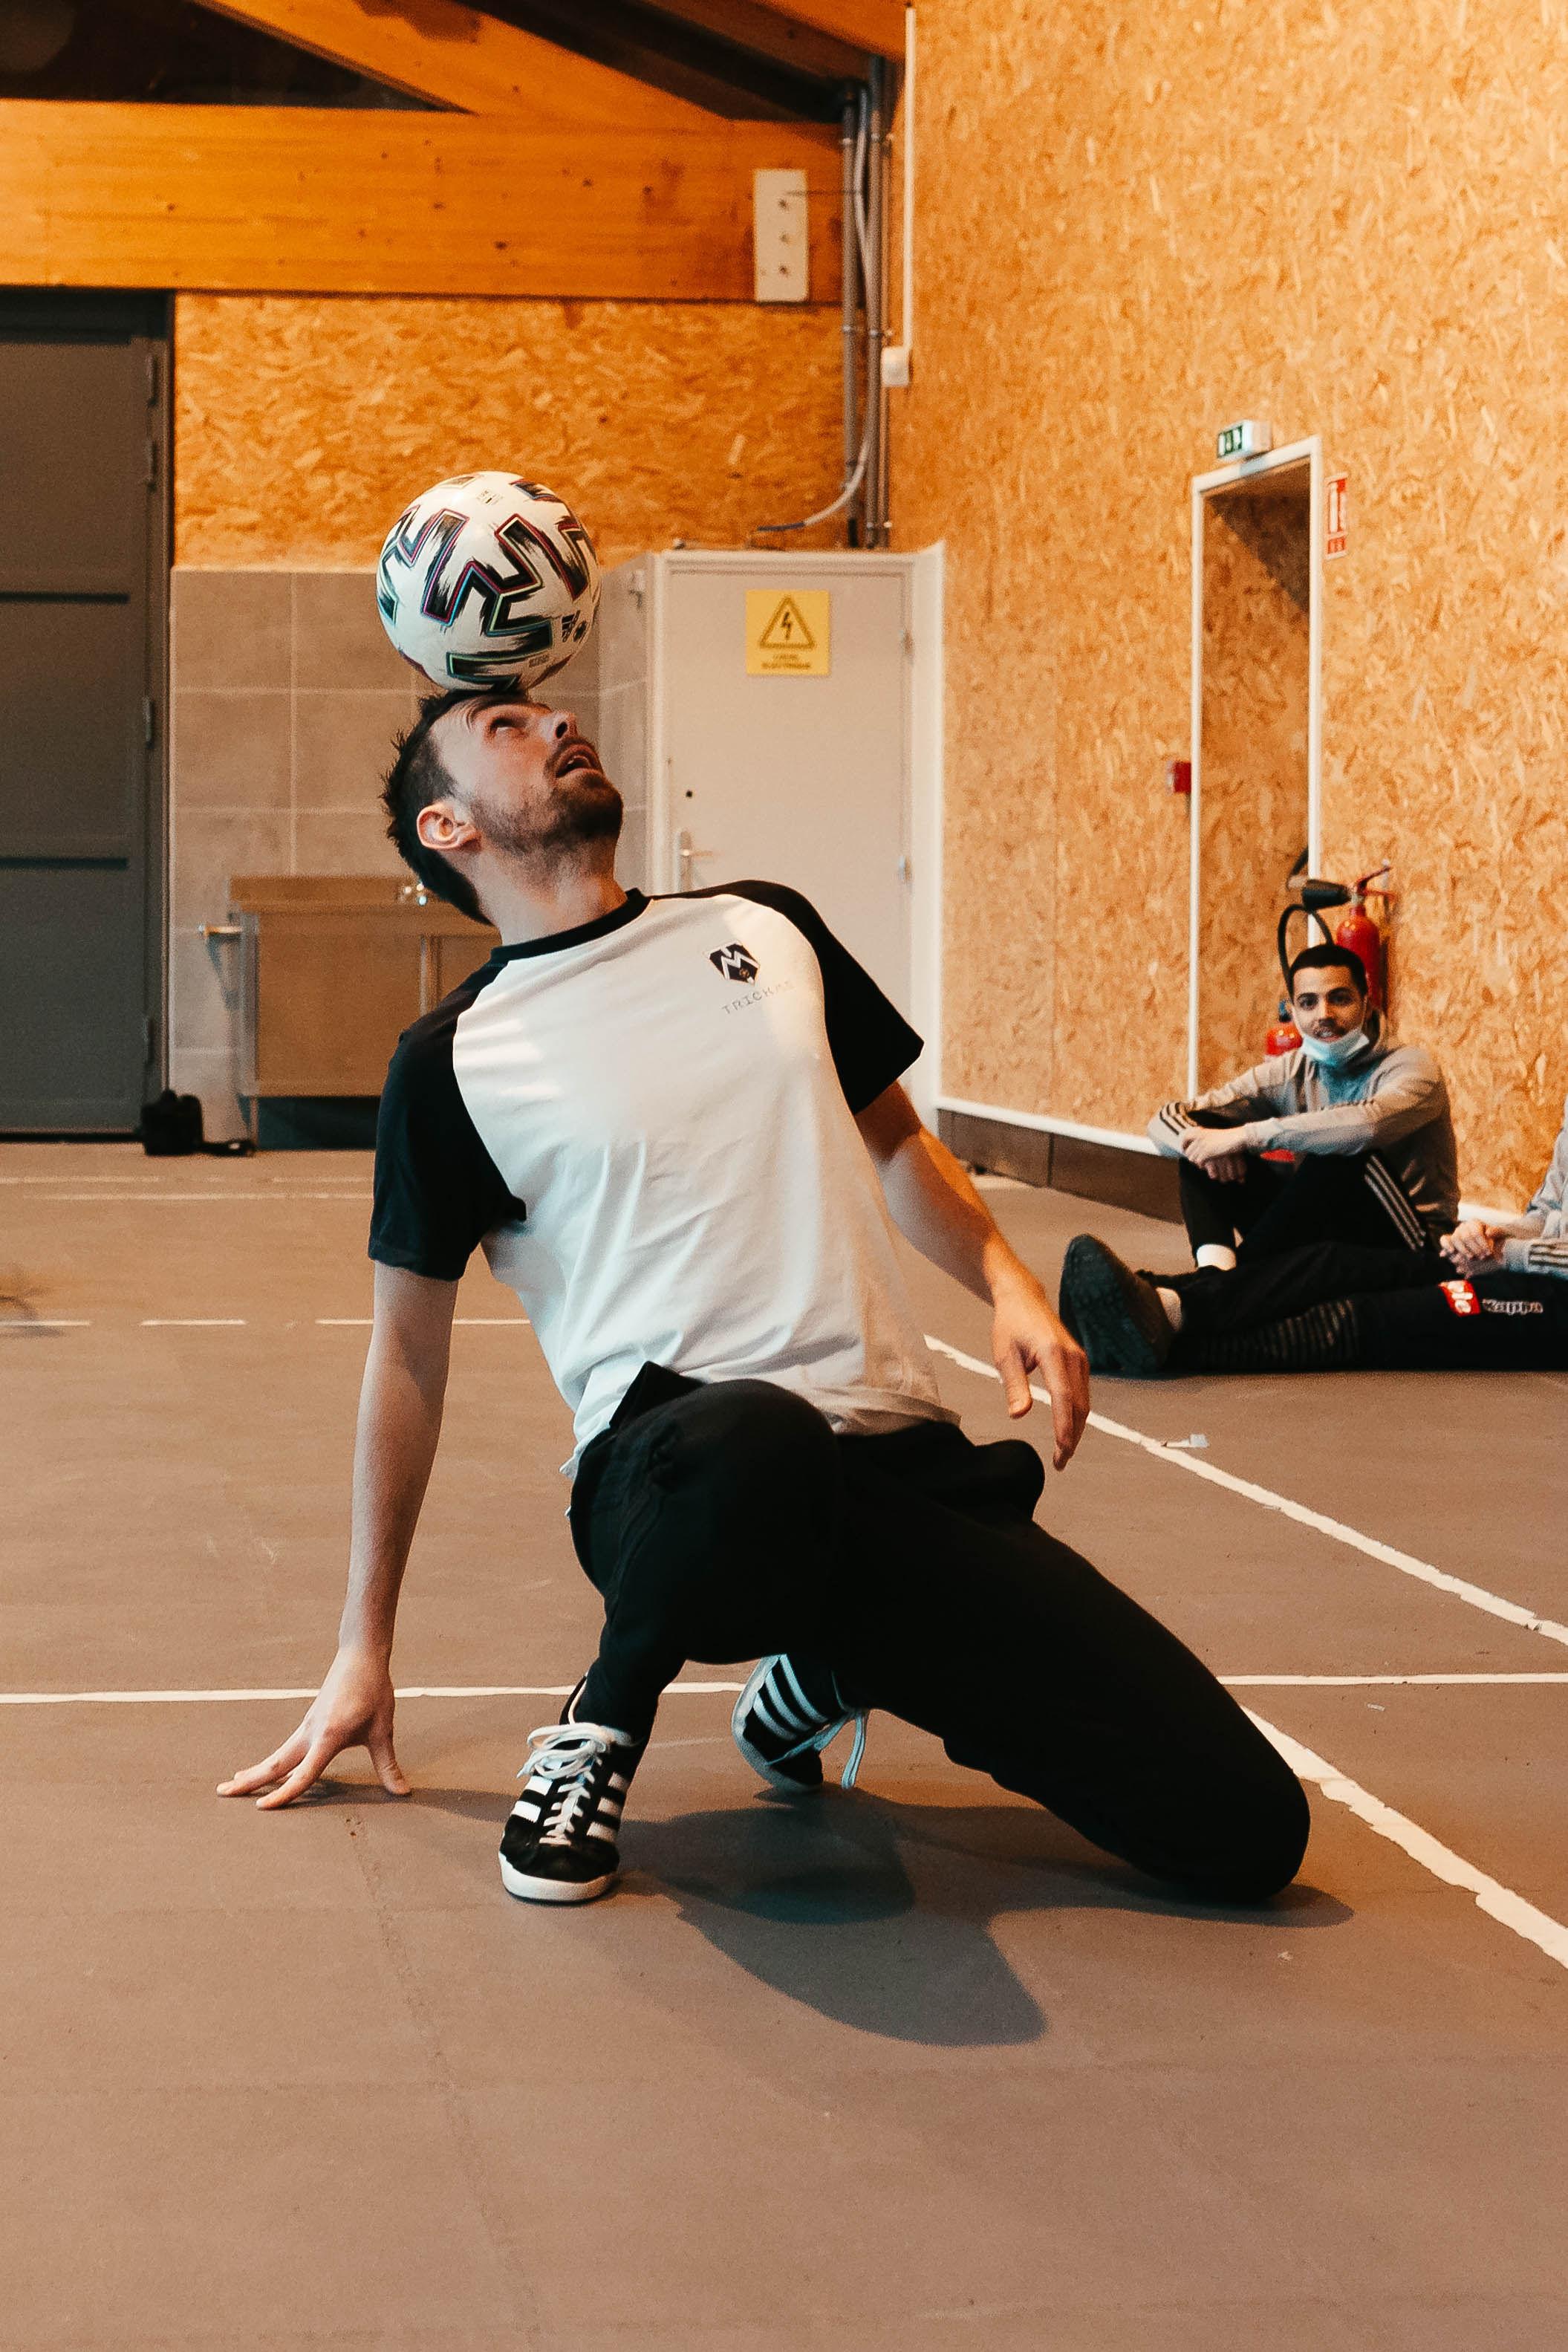 Démonstration de Freestyle Football par